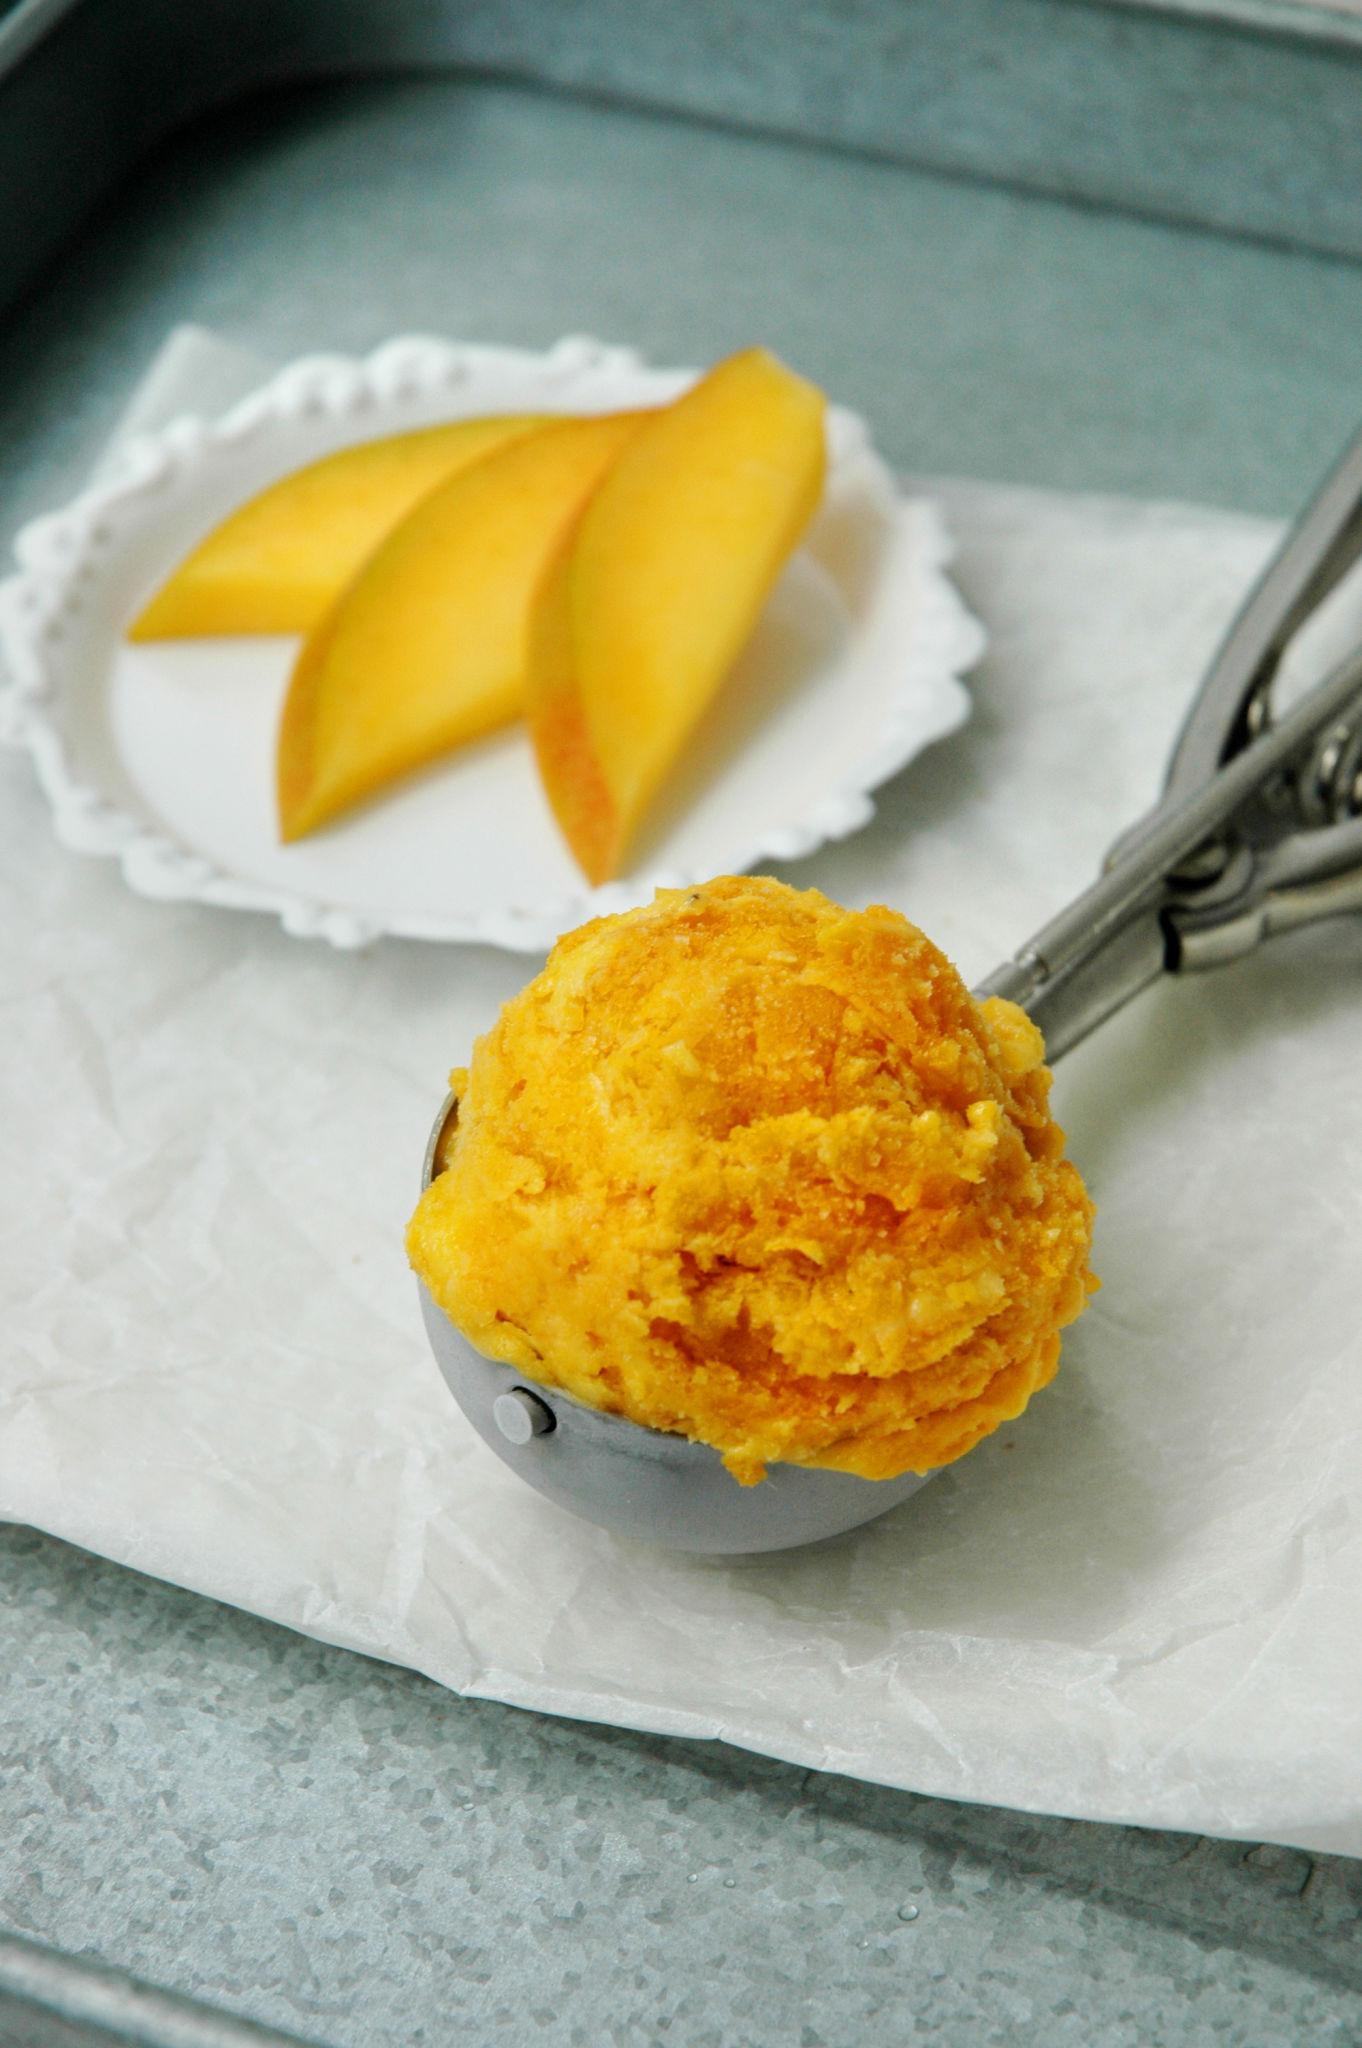 Mango Vanillabean is Bakelyst 1